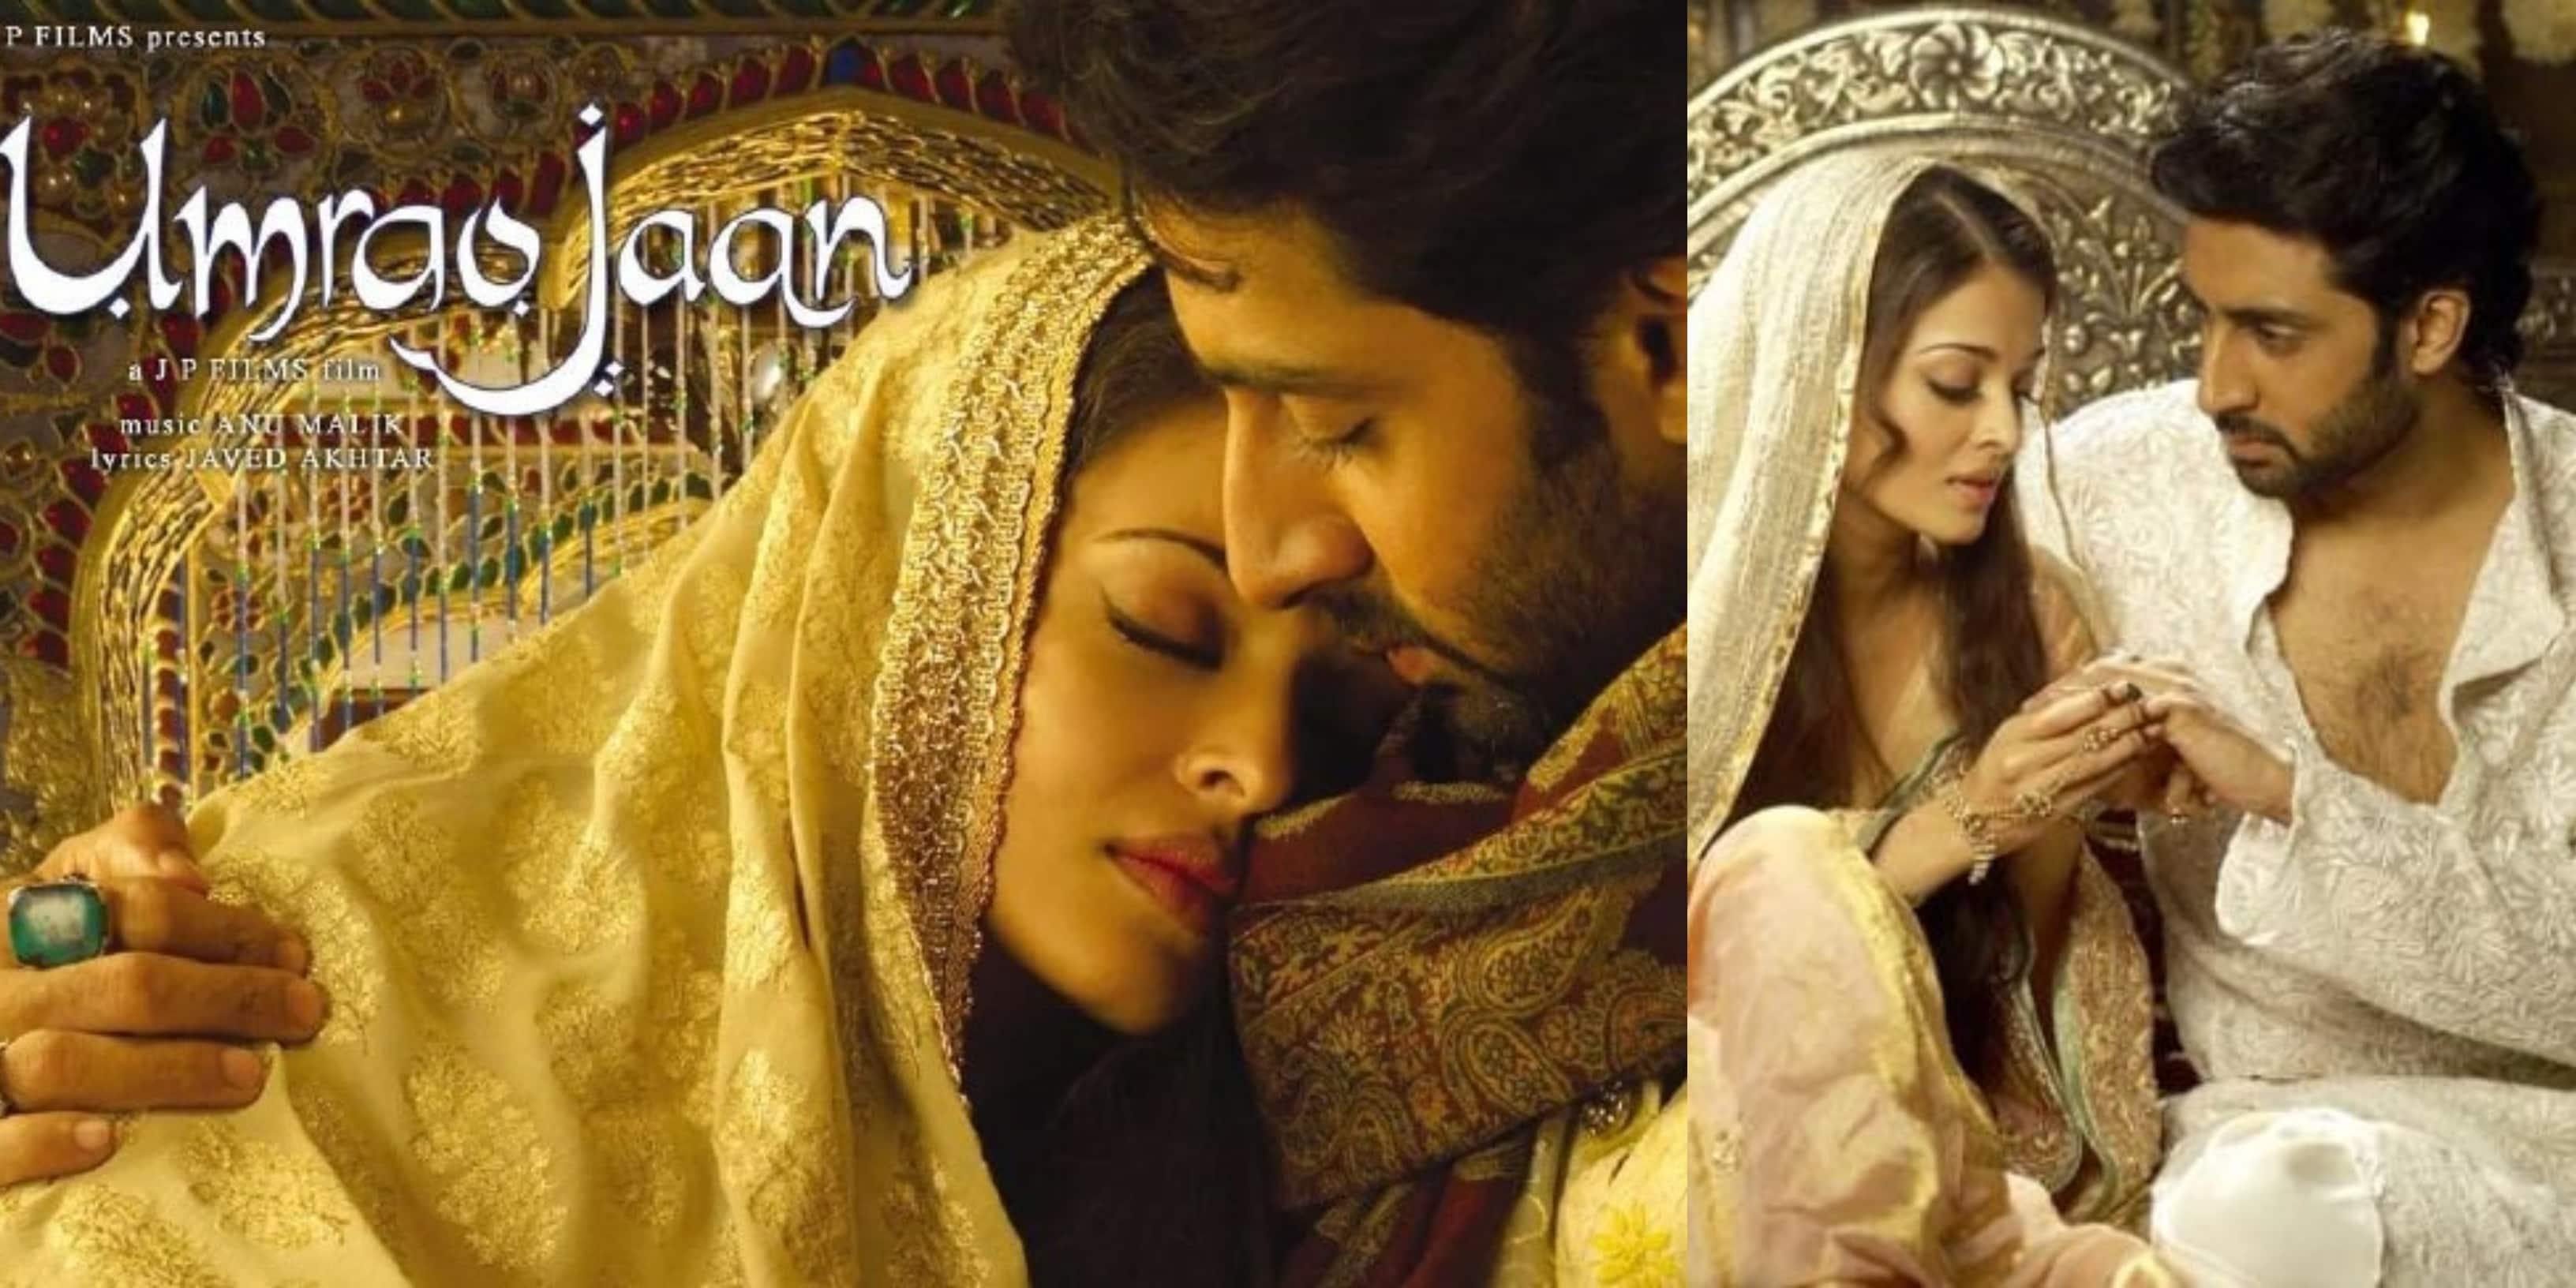 Aishwarya Rai-Abhishek Bachchan Celebrate 13 Years Of Marital Bliss; Here's A Look Back At How It All Began